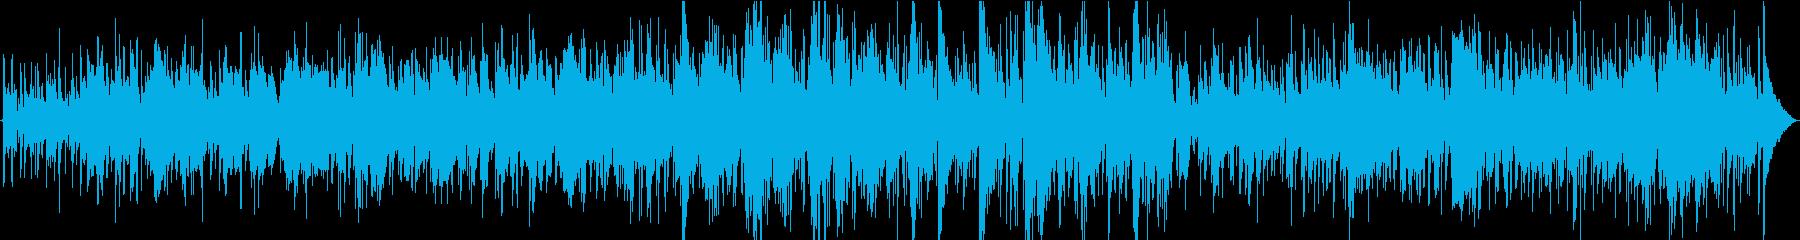 ジャズ。リオ湾のジャズでリラックス...の再生済みの波形